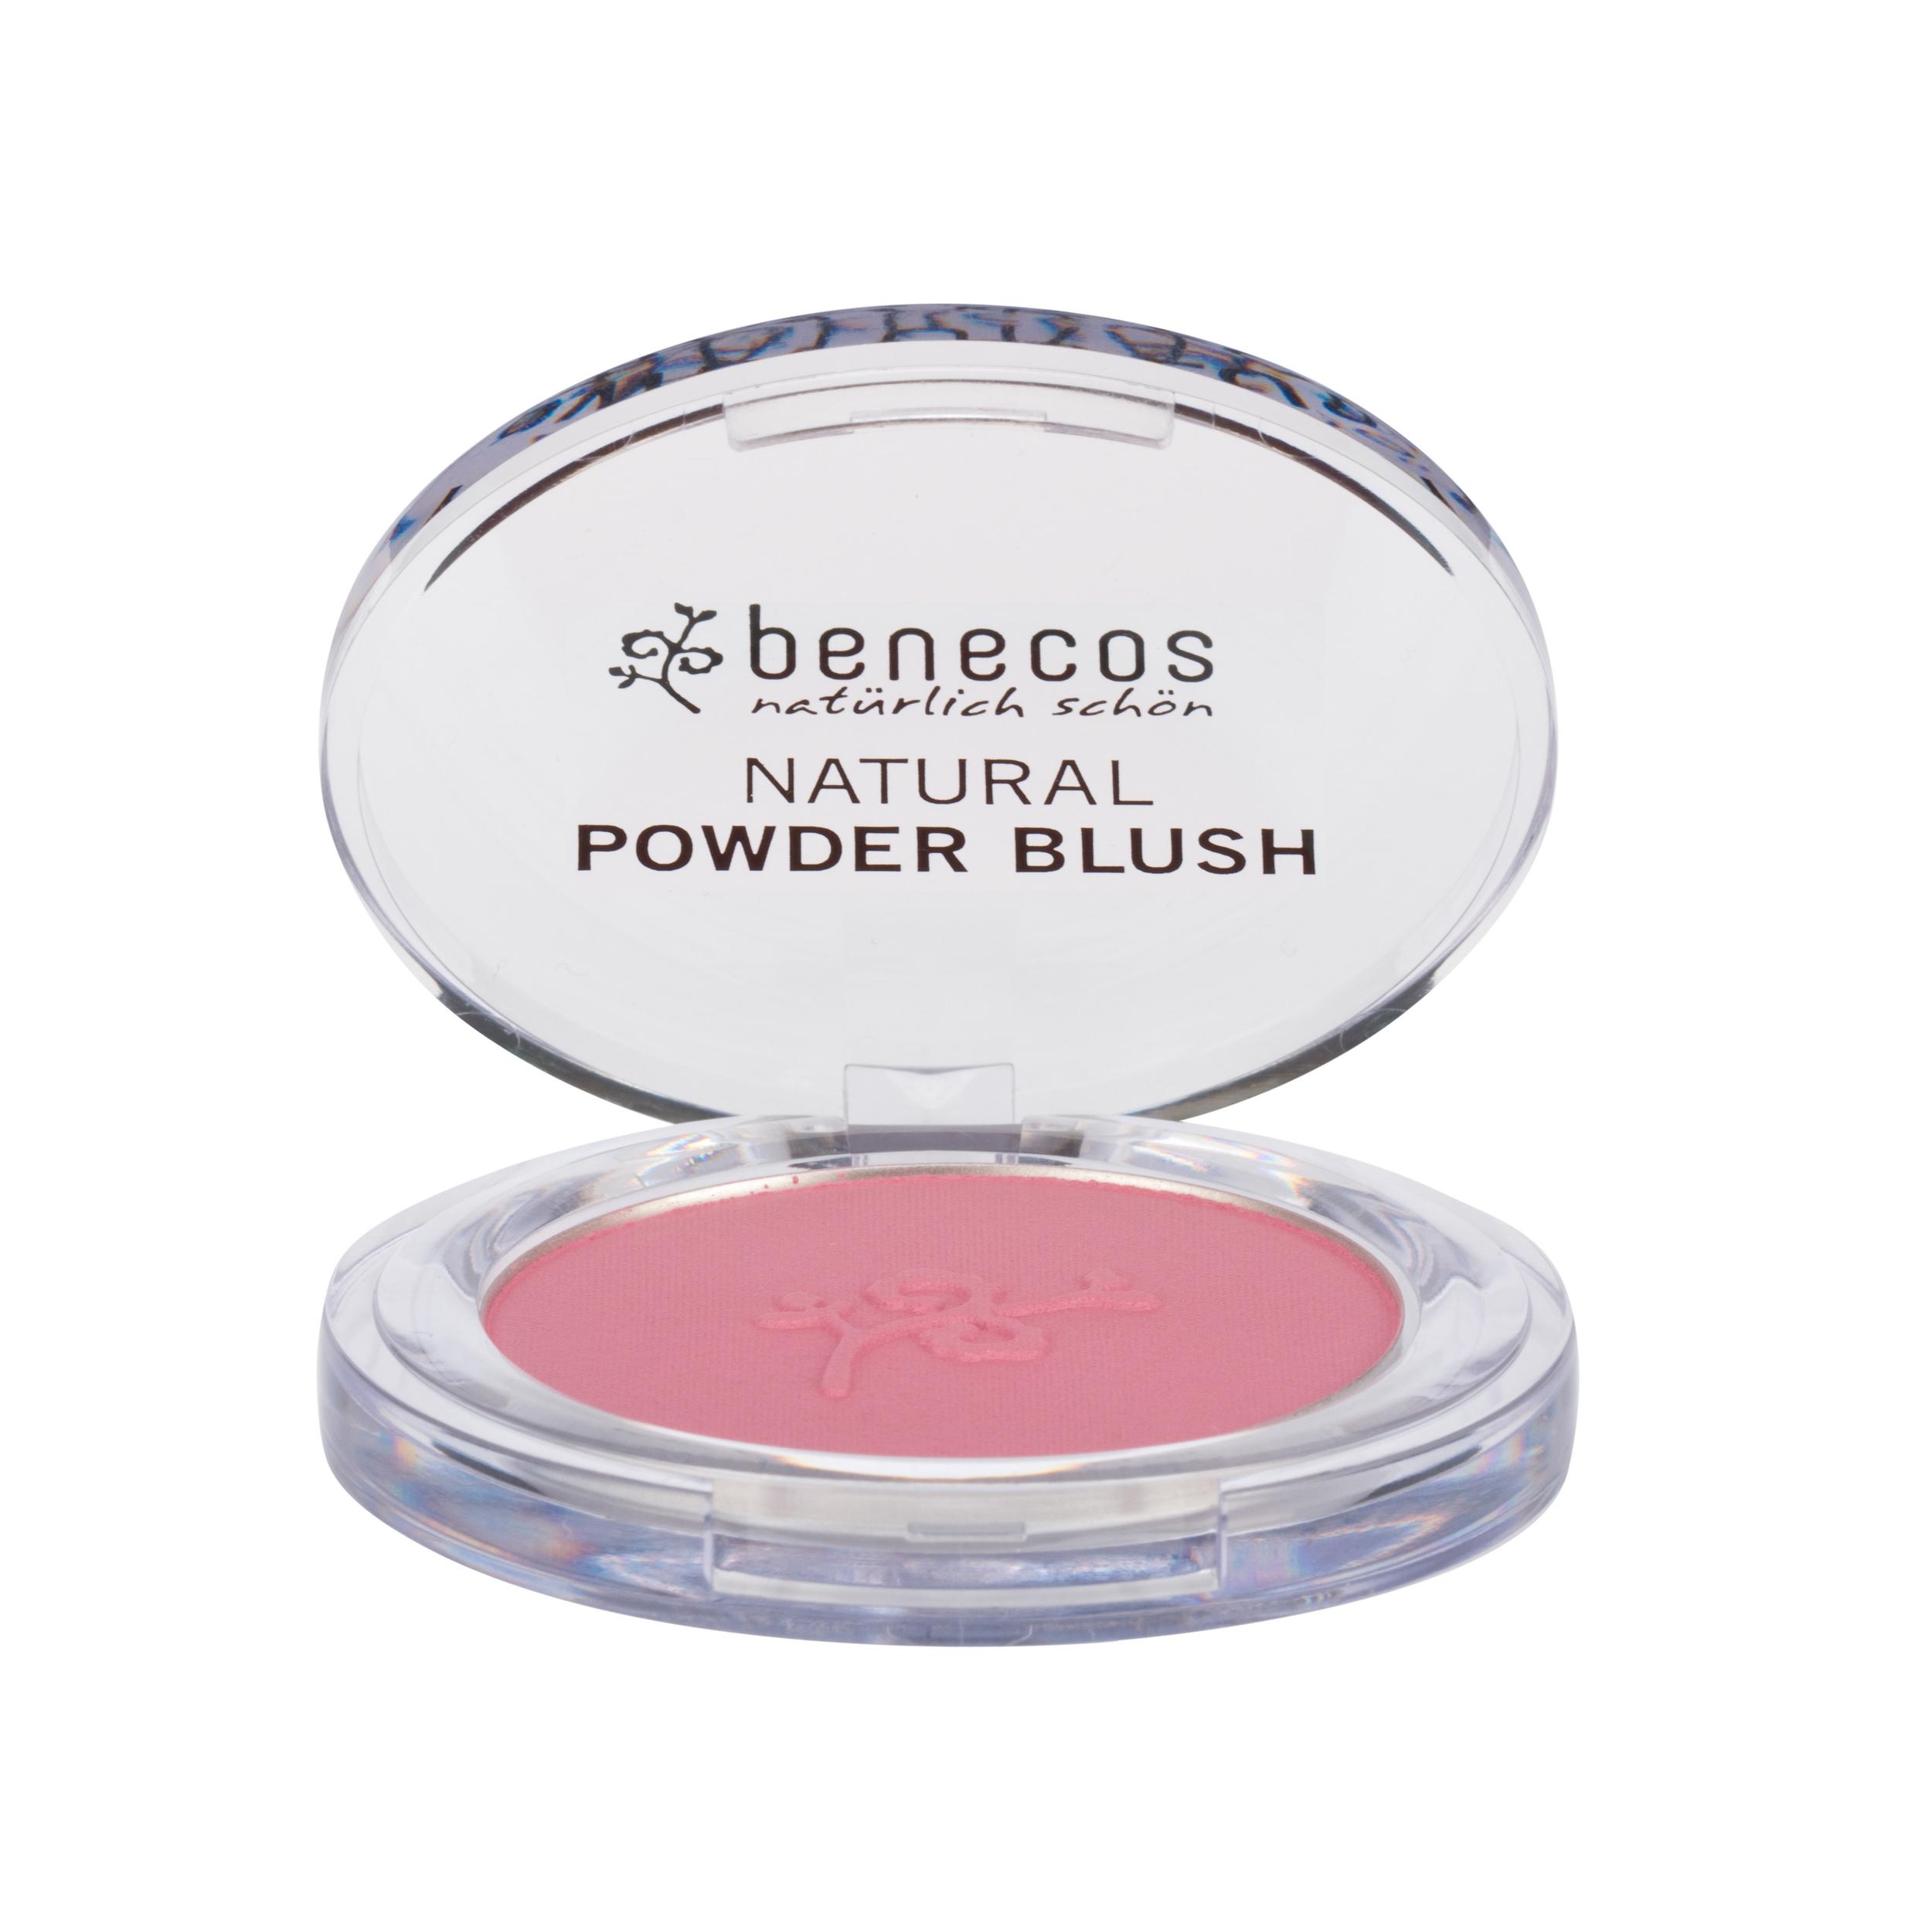 benecos Natural Compact Blush mallow rose hr Kopie_2.jpg